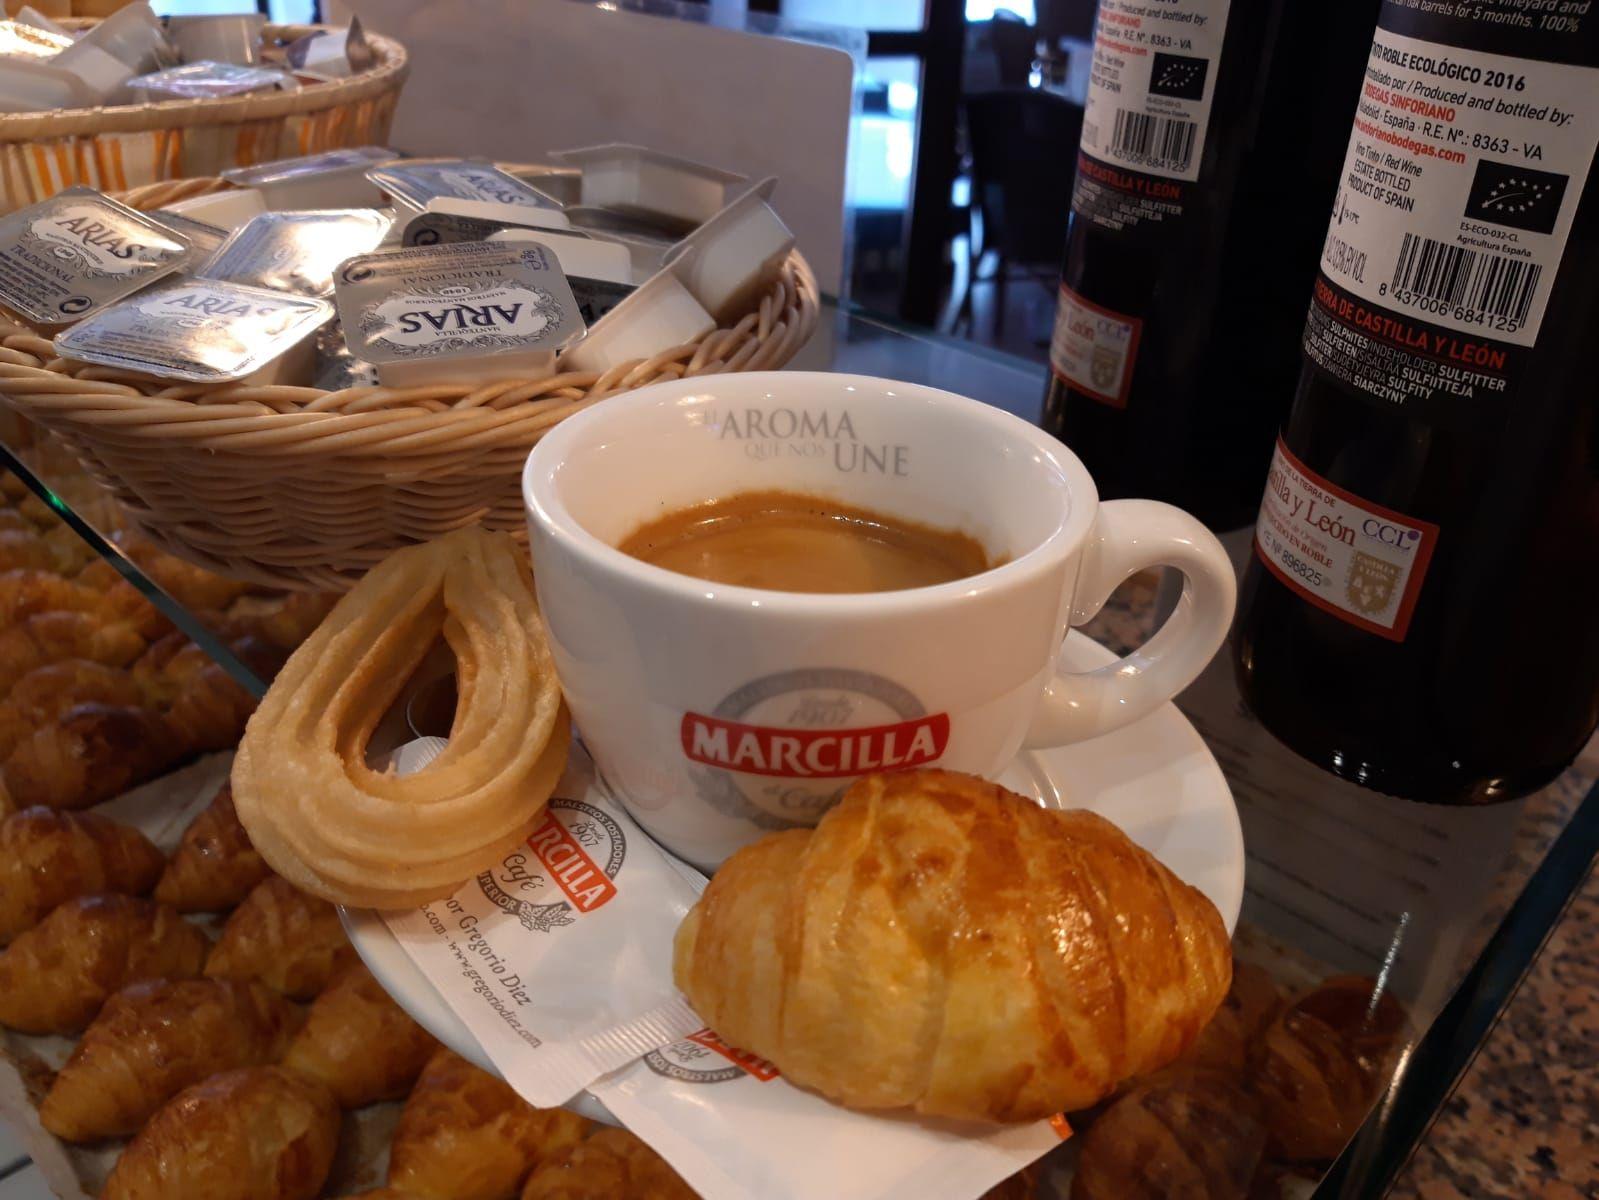 Café y desayuno enValladolid